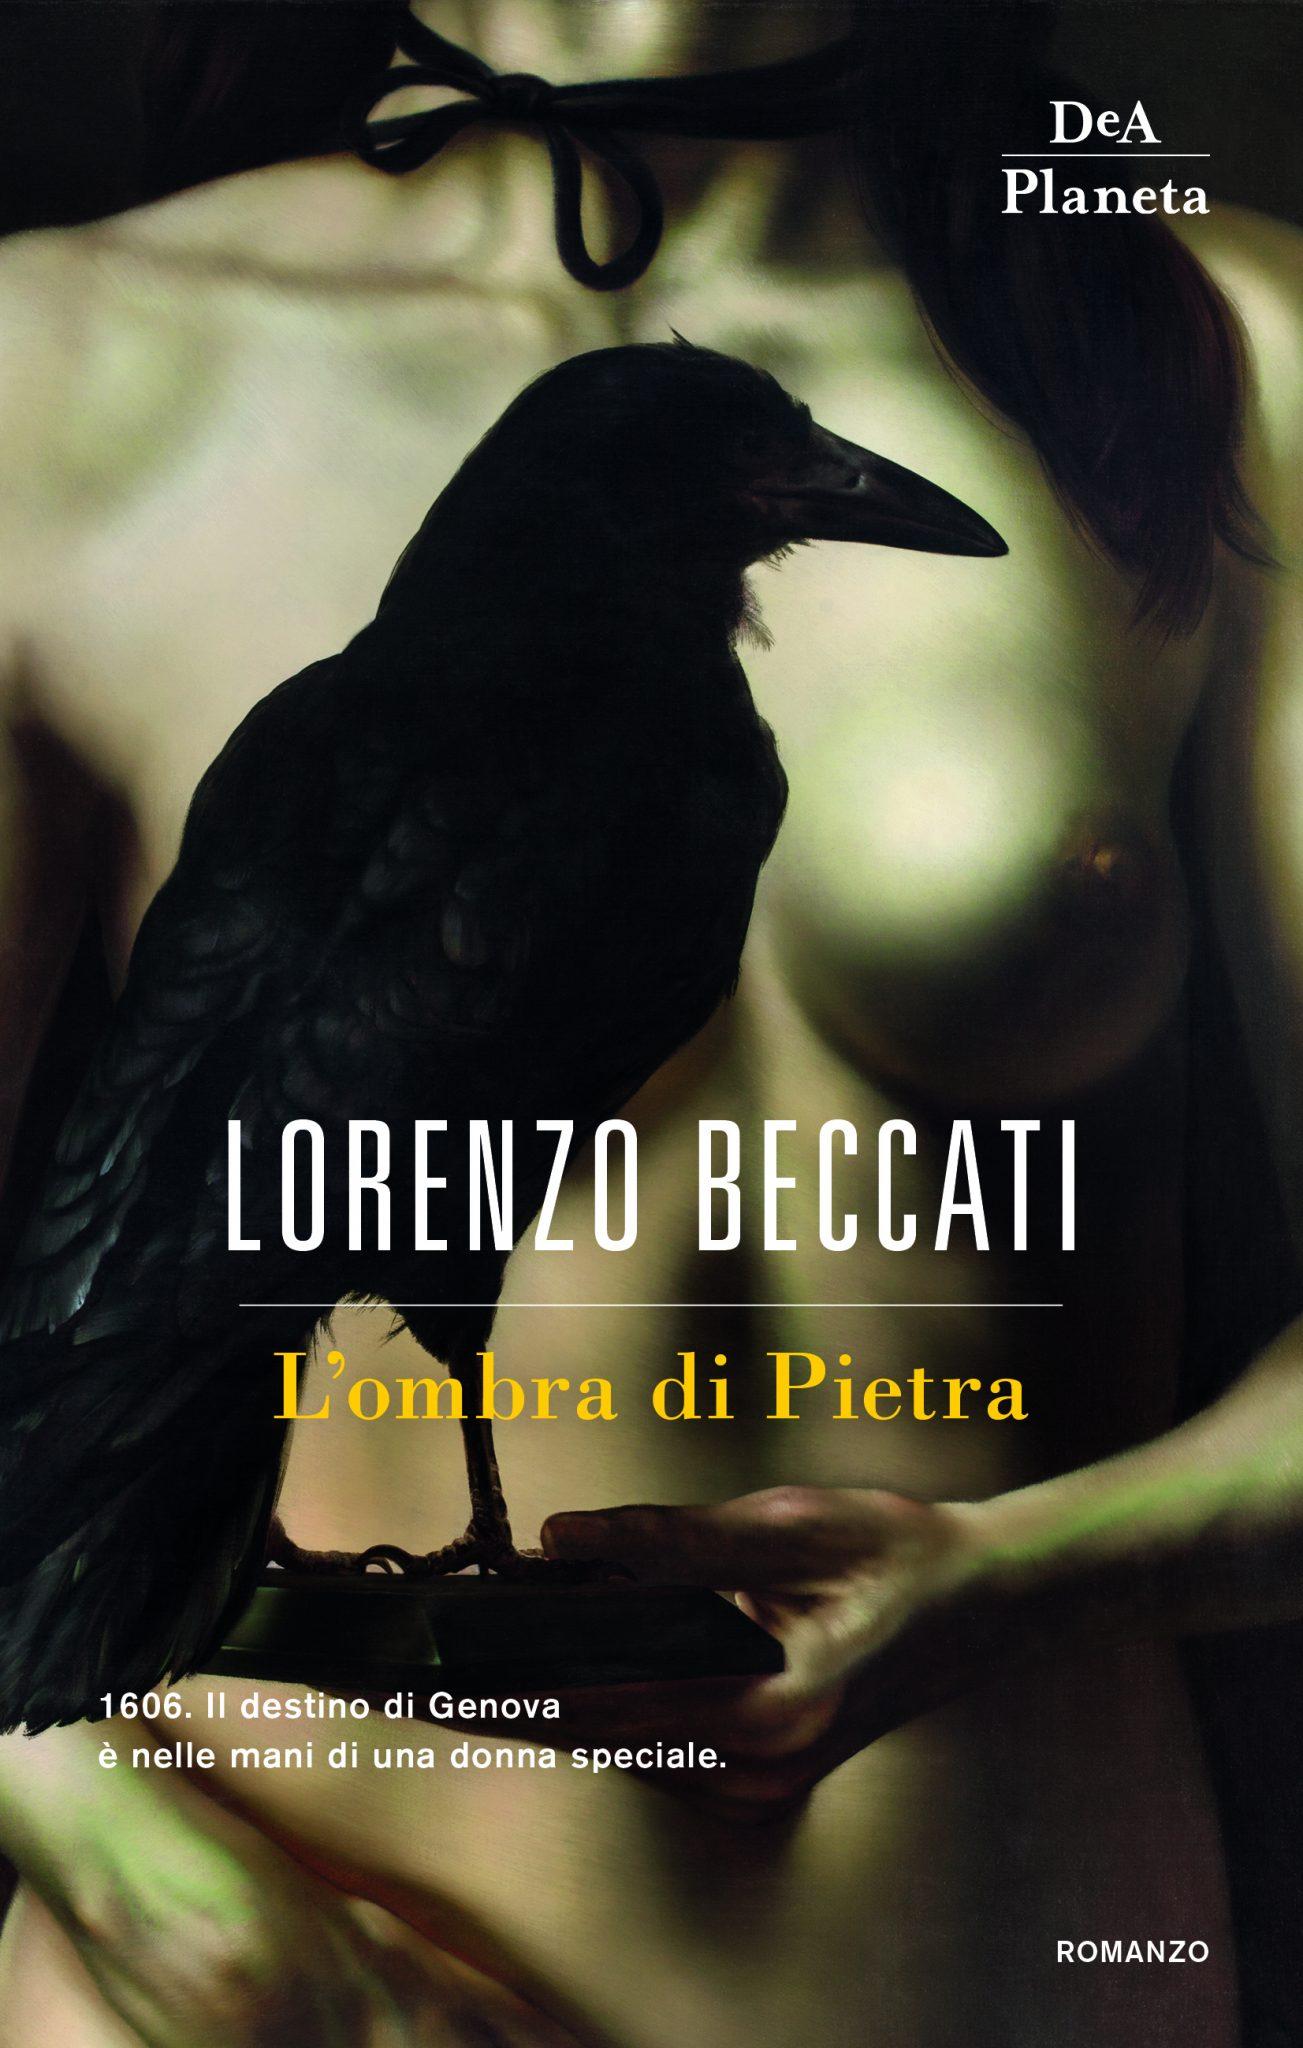 cop_dea_lorenzo_beccati_ombra_di_pietra